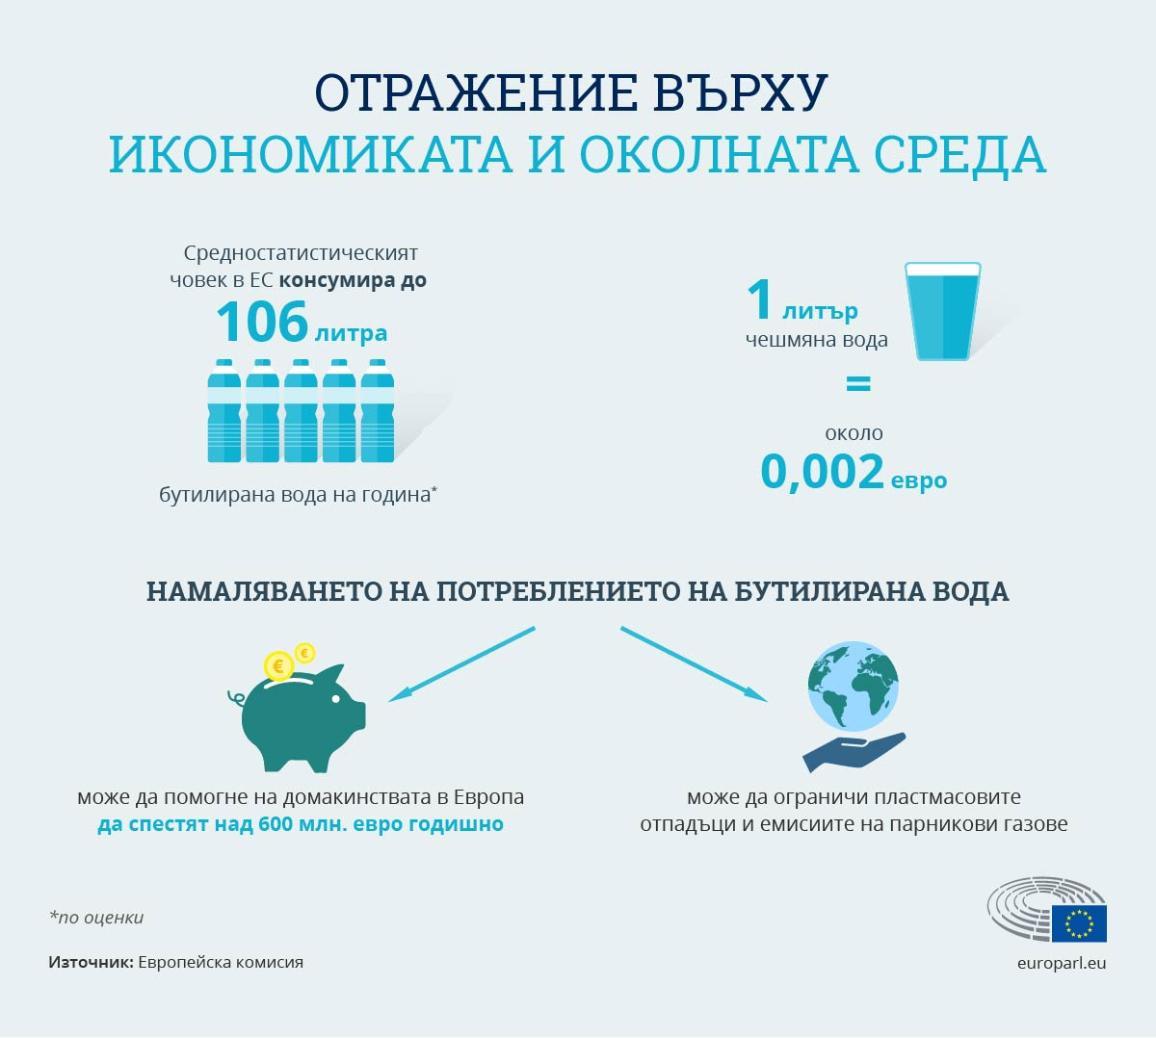 Инфографика: Отражение на консумацията на чешмяна вода върху икономиката и околната среда